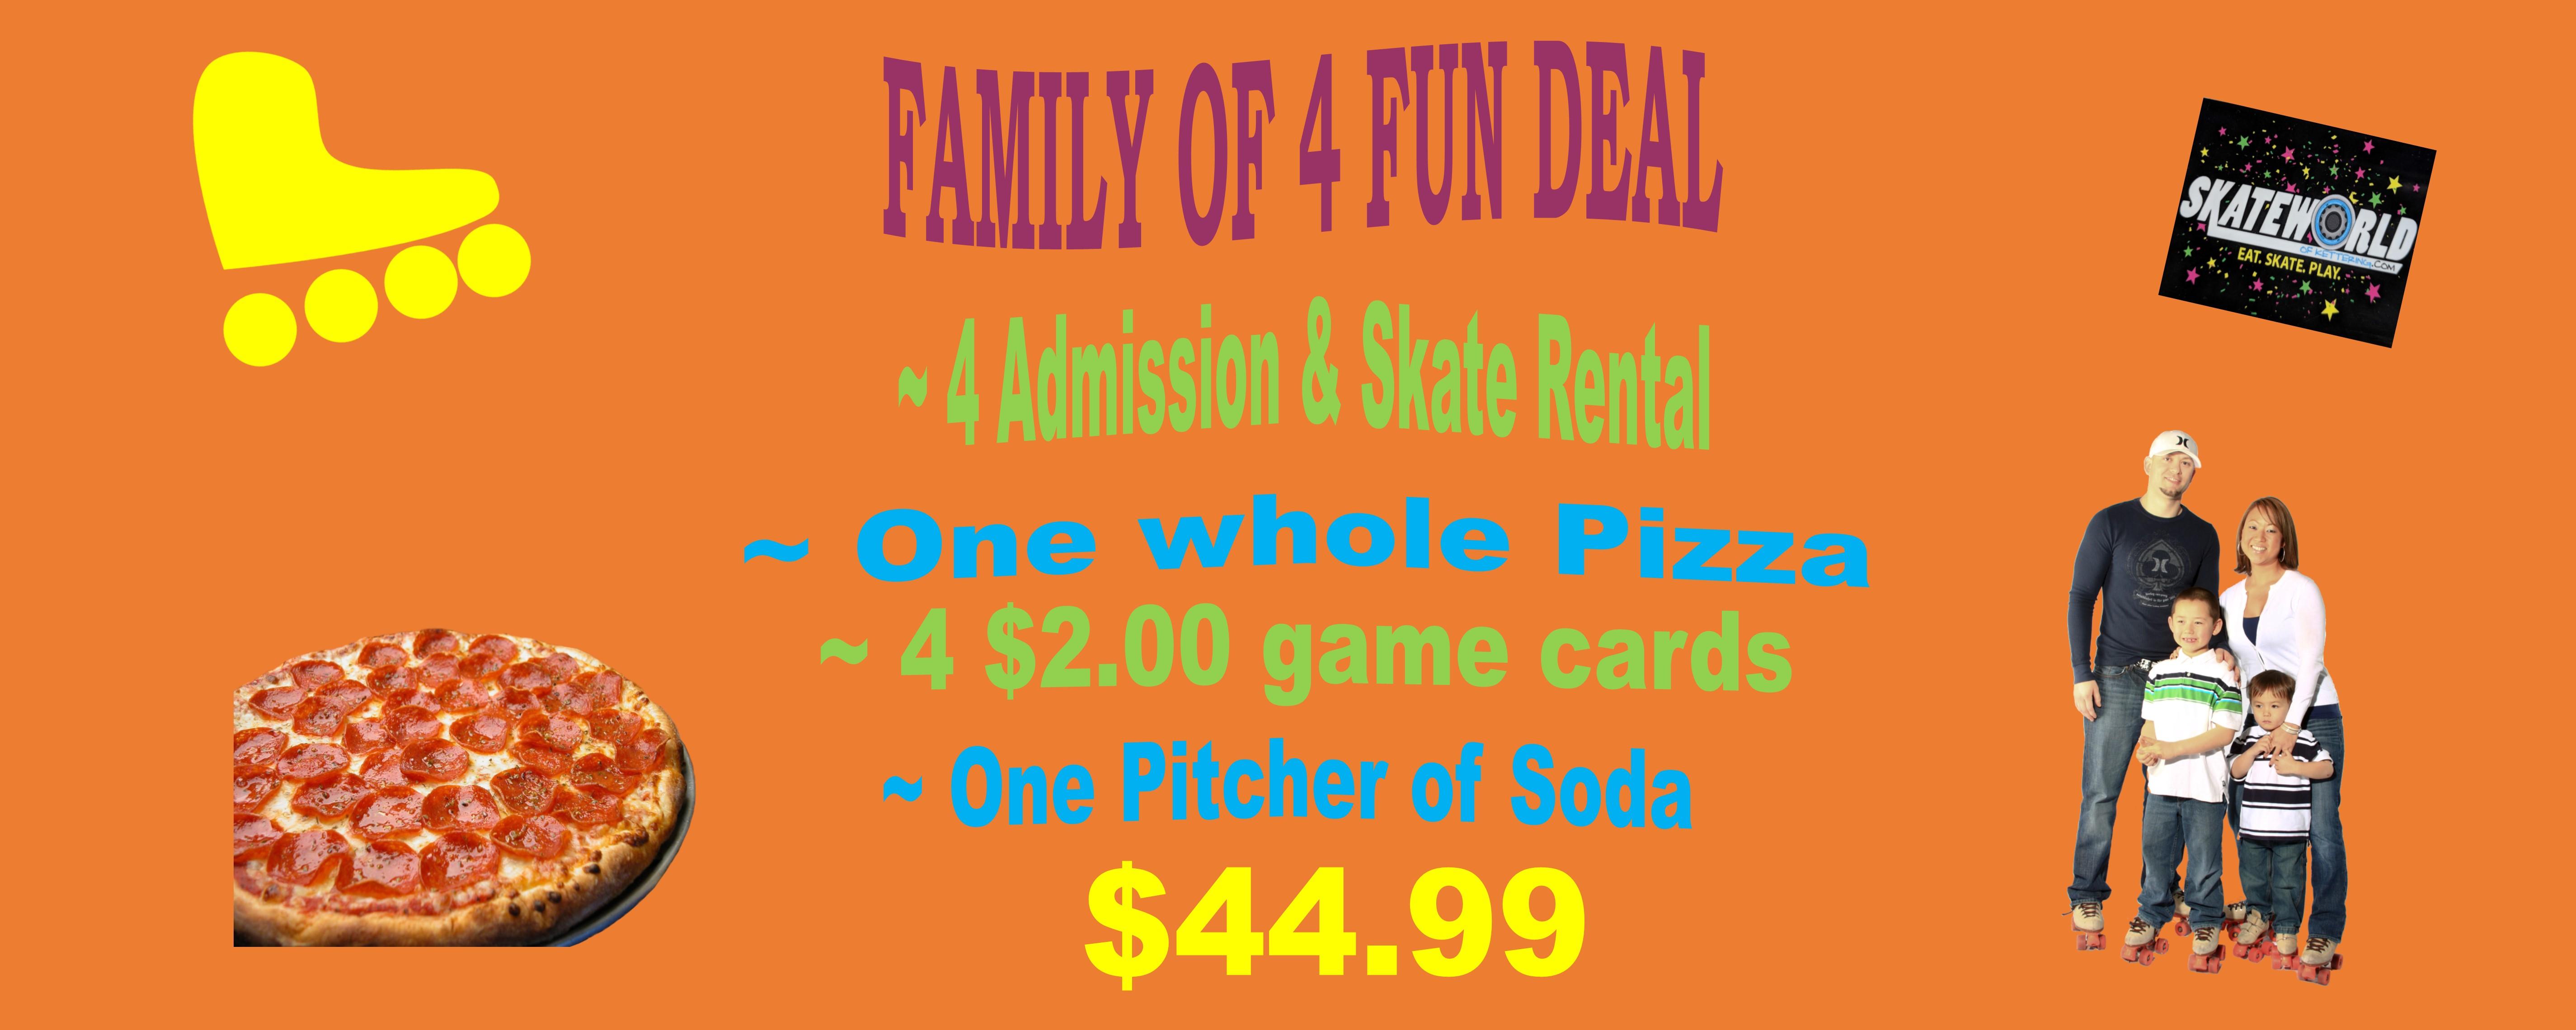 fam 4 deal sol web